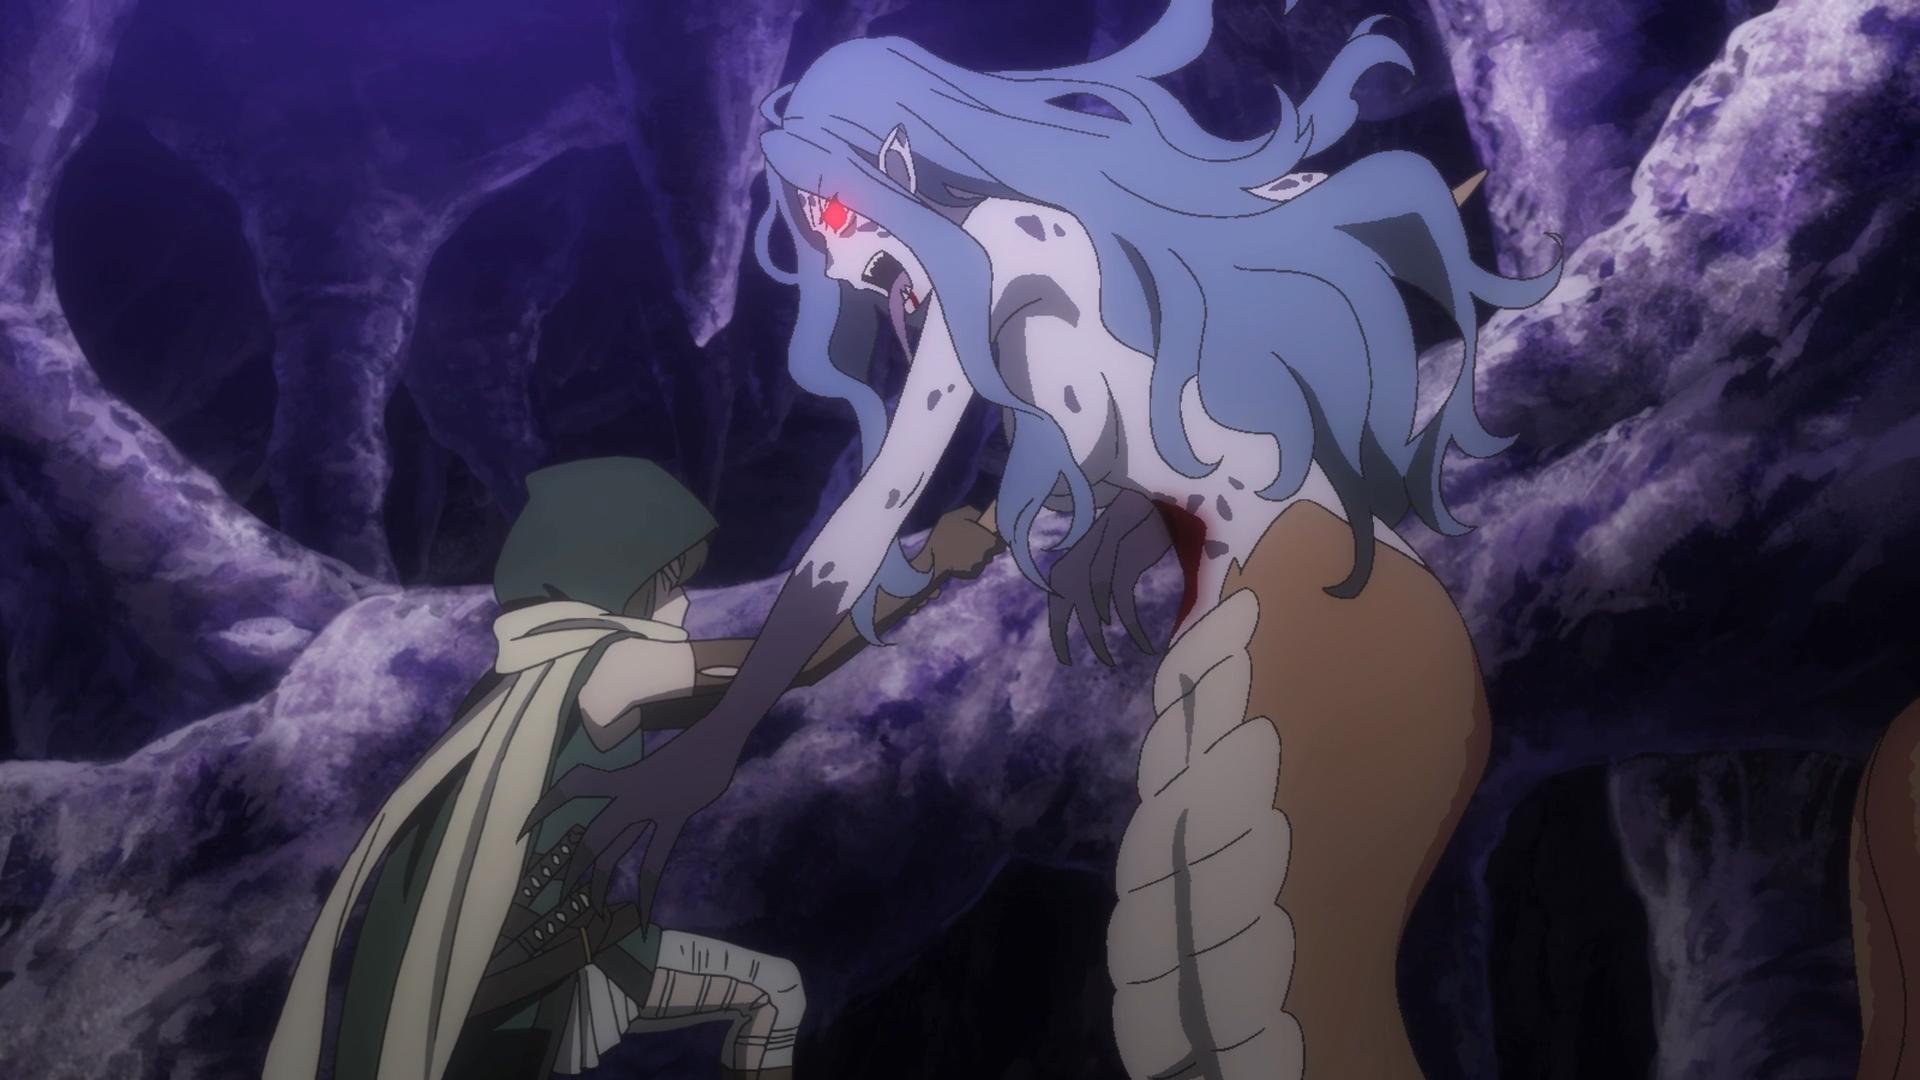 L'entrée du deuxième épisode nous présente un scénario de contrebande de monstres à travers la famille Ikelos.  Immédiatement, le chef de l'équipe d'aventuriers ordonne la recherche de ceux qui ont été liés au monstre parlant qu'il chassait auparavant dans les étages labyrinthiques du donjon.